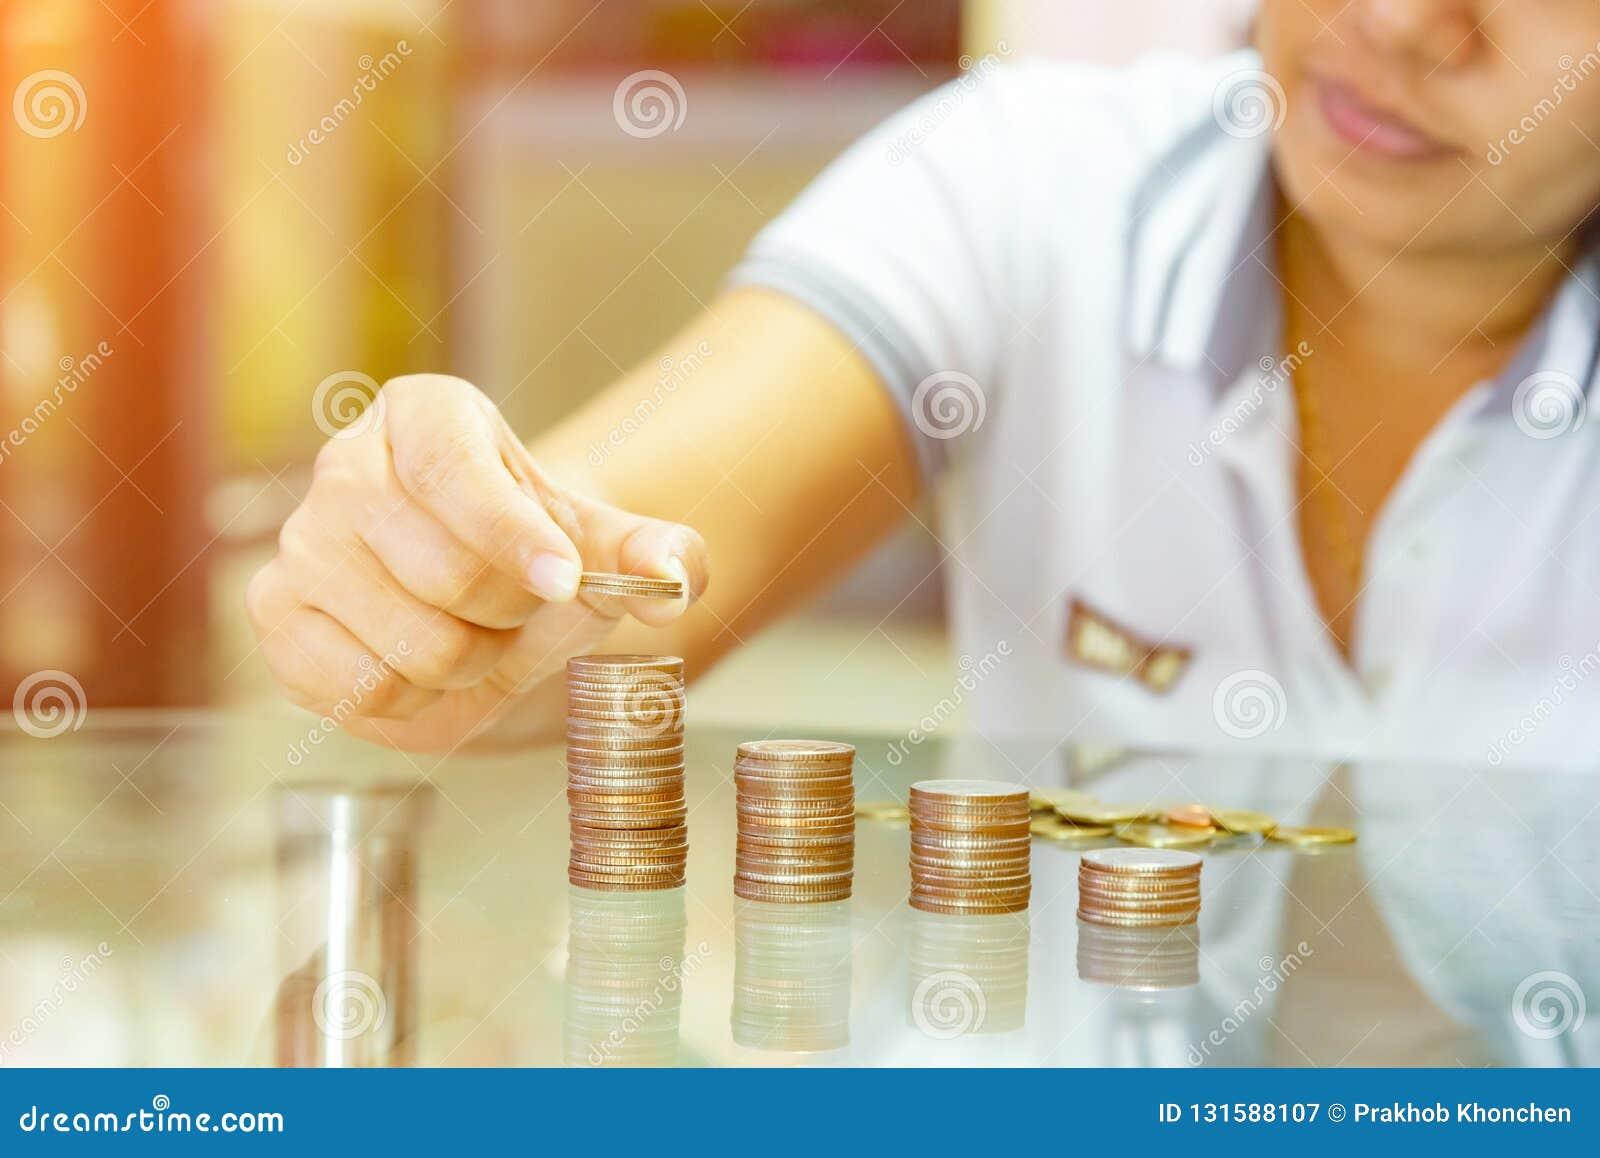 Oszczędzanie pieniądze pojęcia, kobiety sztaplowania monety w wzrastające kolumny